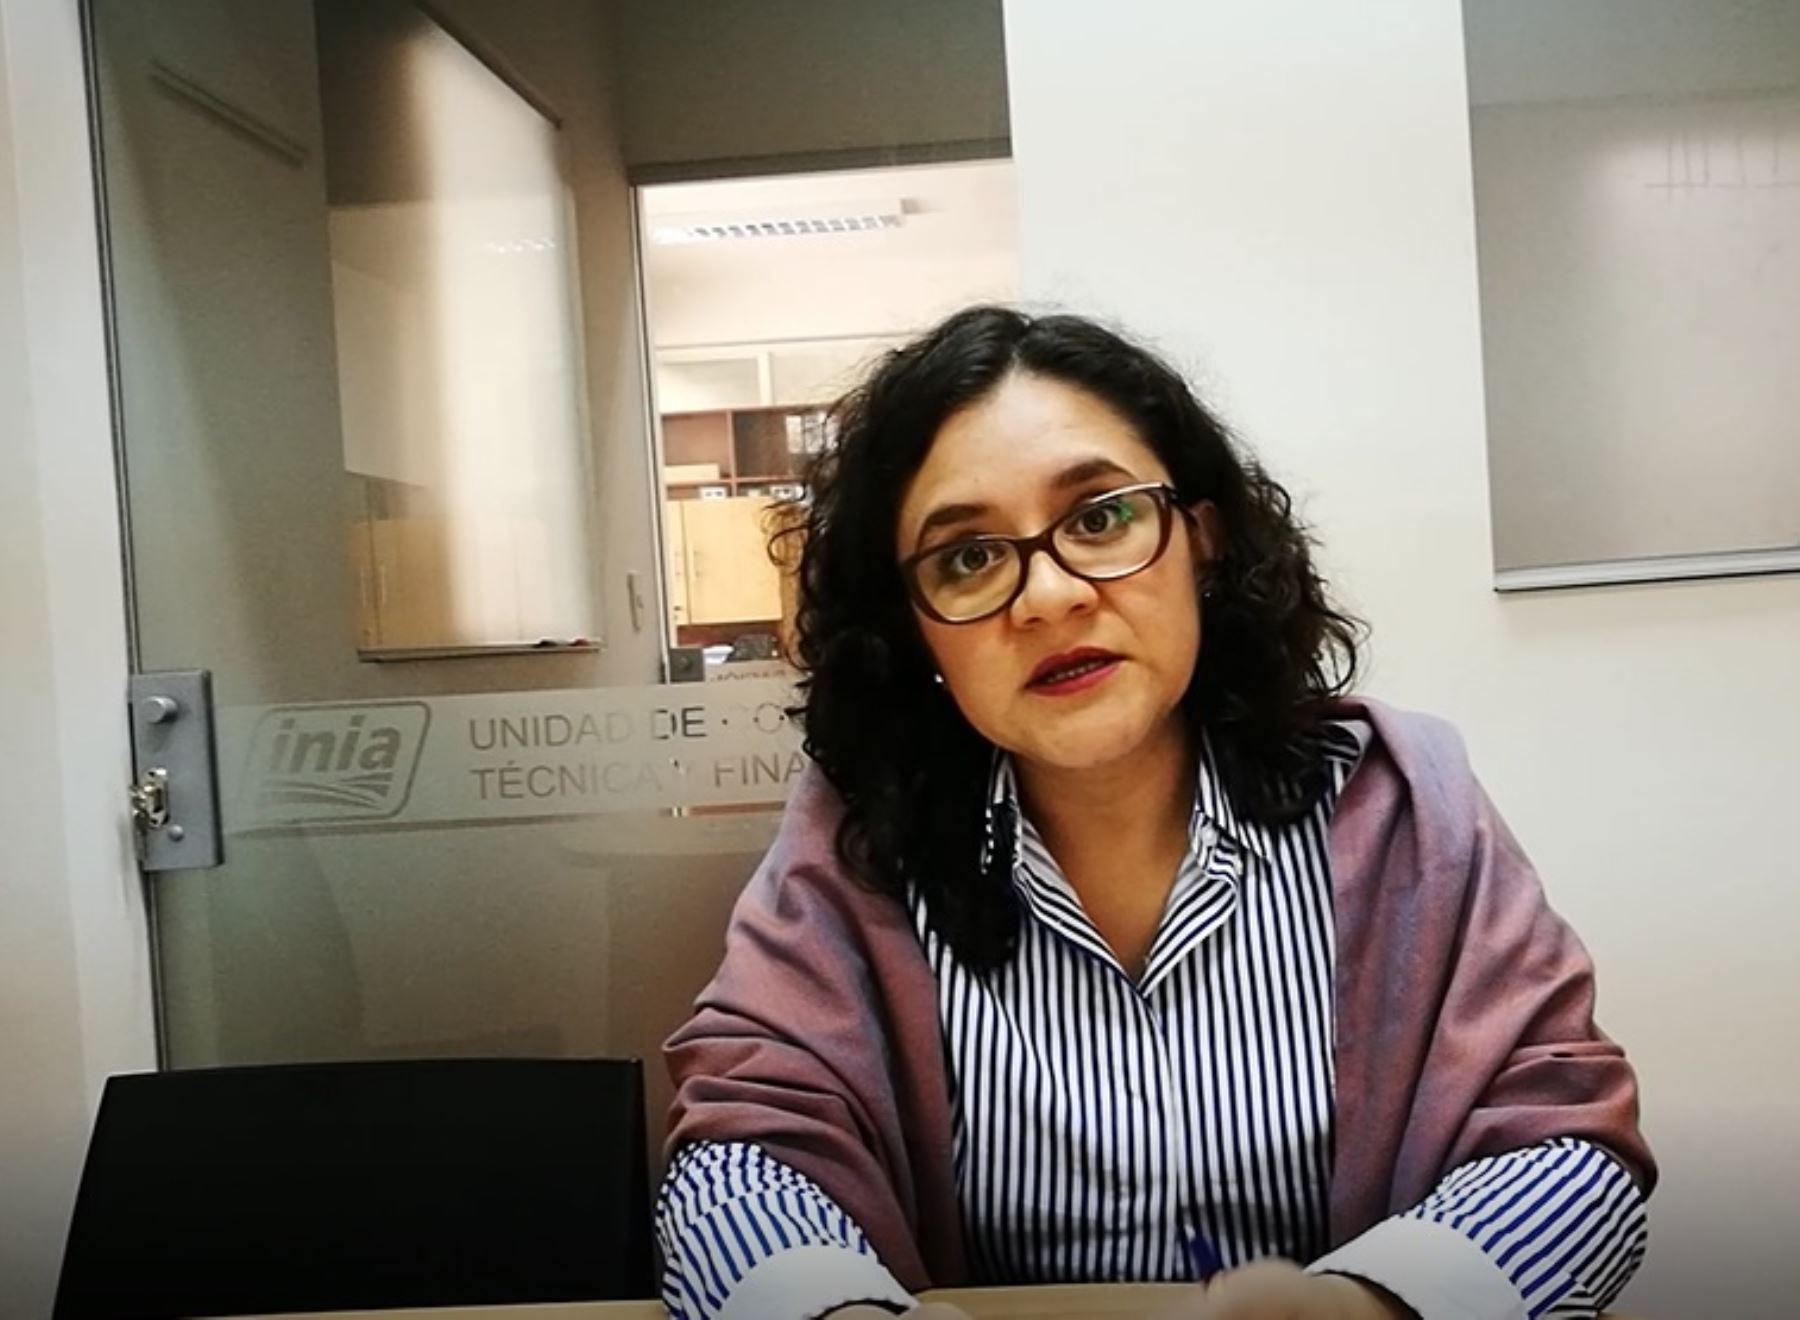 Rosa Angélica Sánchez Díaz, directora de Recursos Genéticos de la Dirección General de Recursos Genéticos y Biotecnología del Instituto Nacional de Innovación Agraria (INIA)